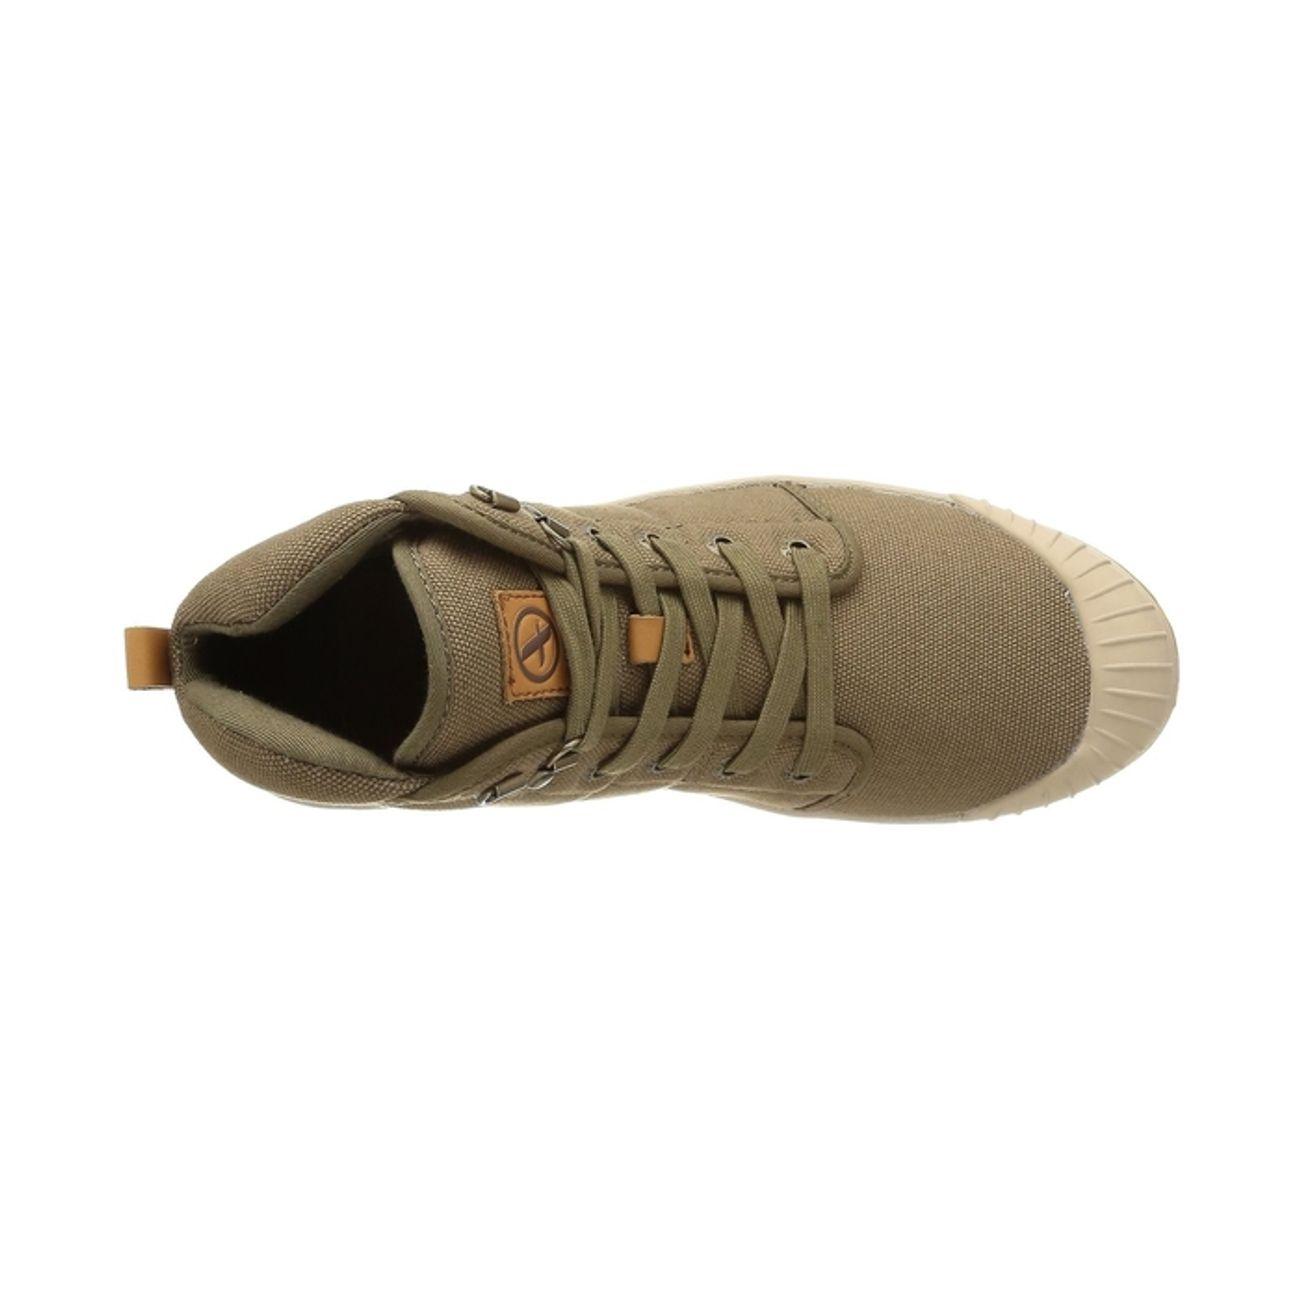 Randonnée Homme Tenere Light Hautes Chaussures Aigle c35uTFKJ1l